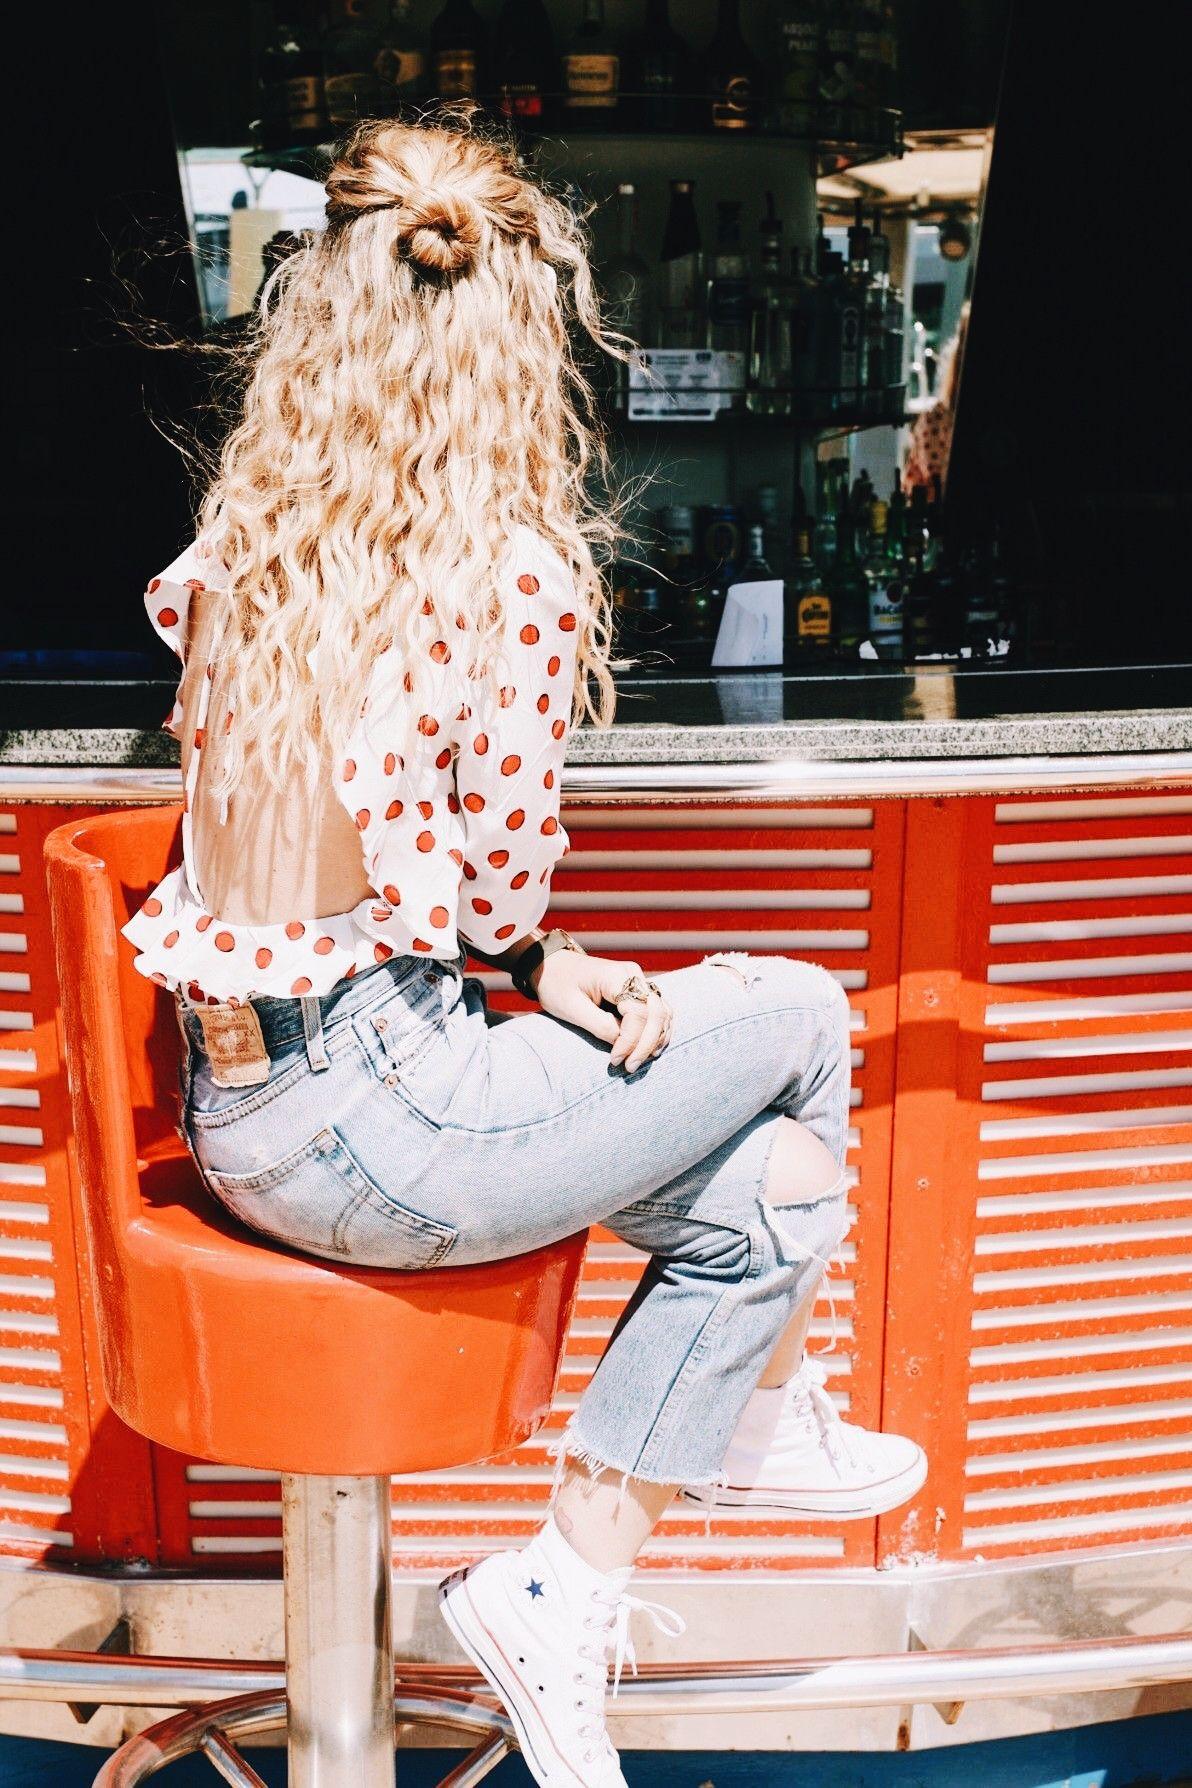 d16a83e0a69 Dots blouse shirt chucks allstars denim jeans summer style fashion spring  hair faded red bar